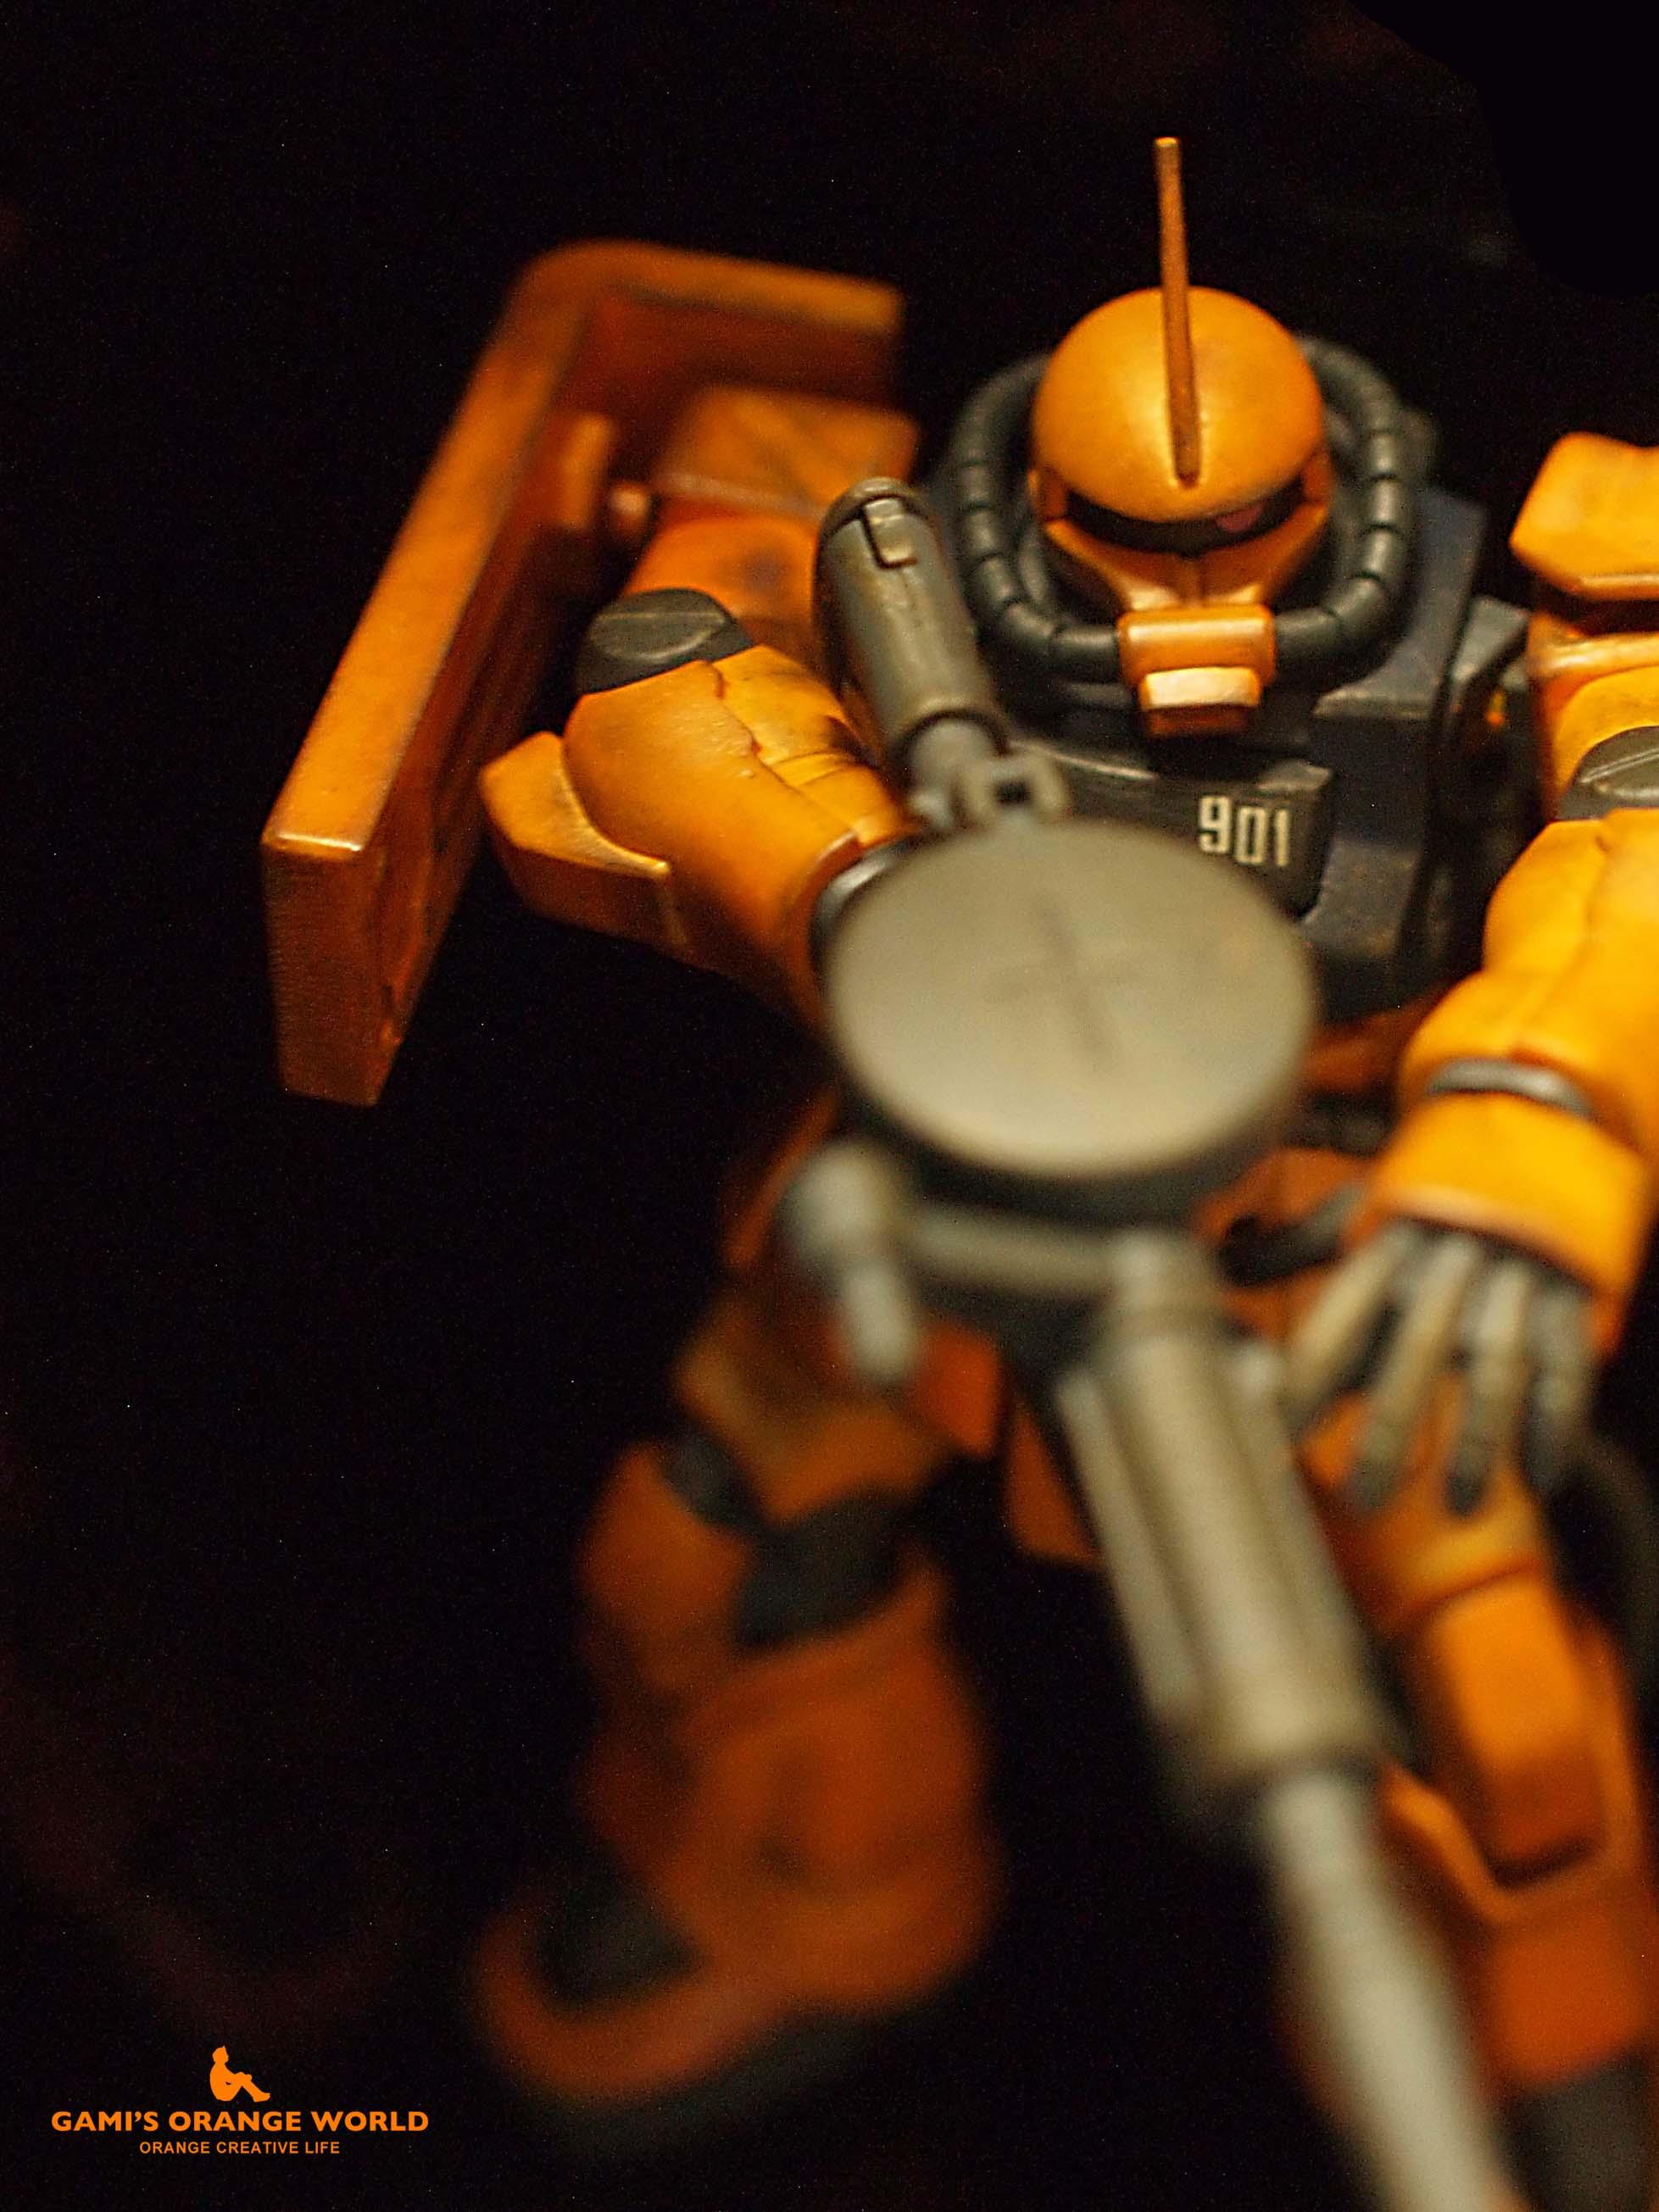 0256オレンジのザク11 のコピー